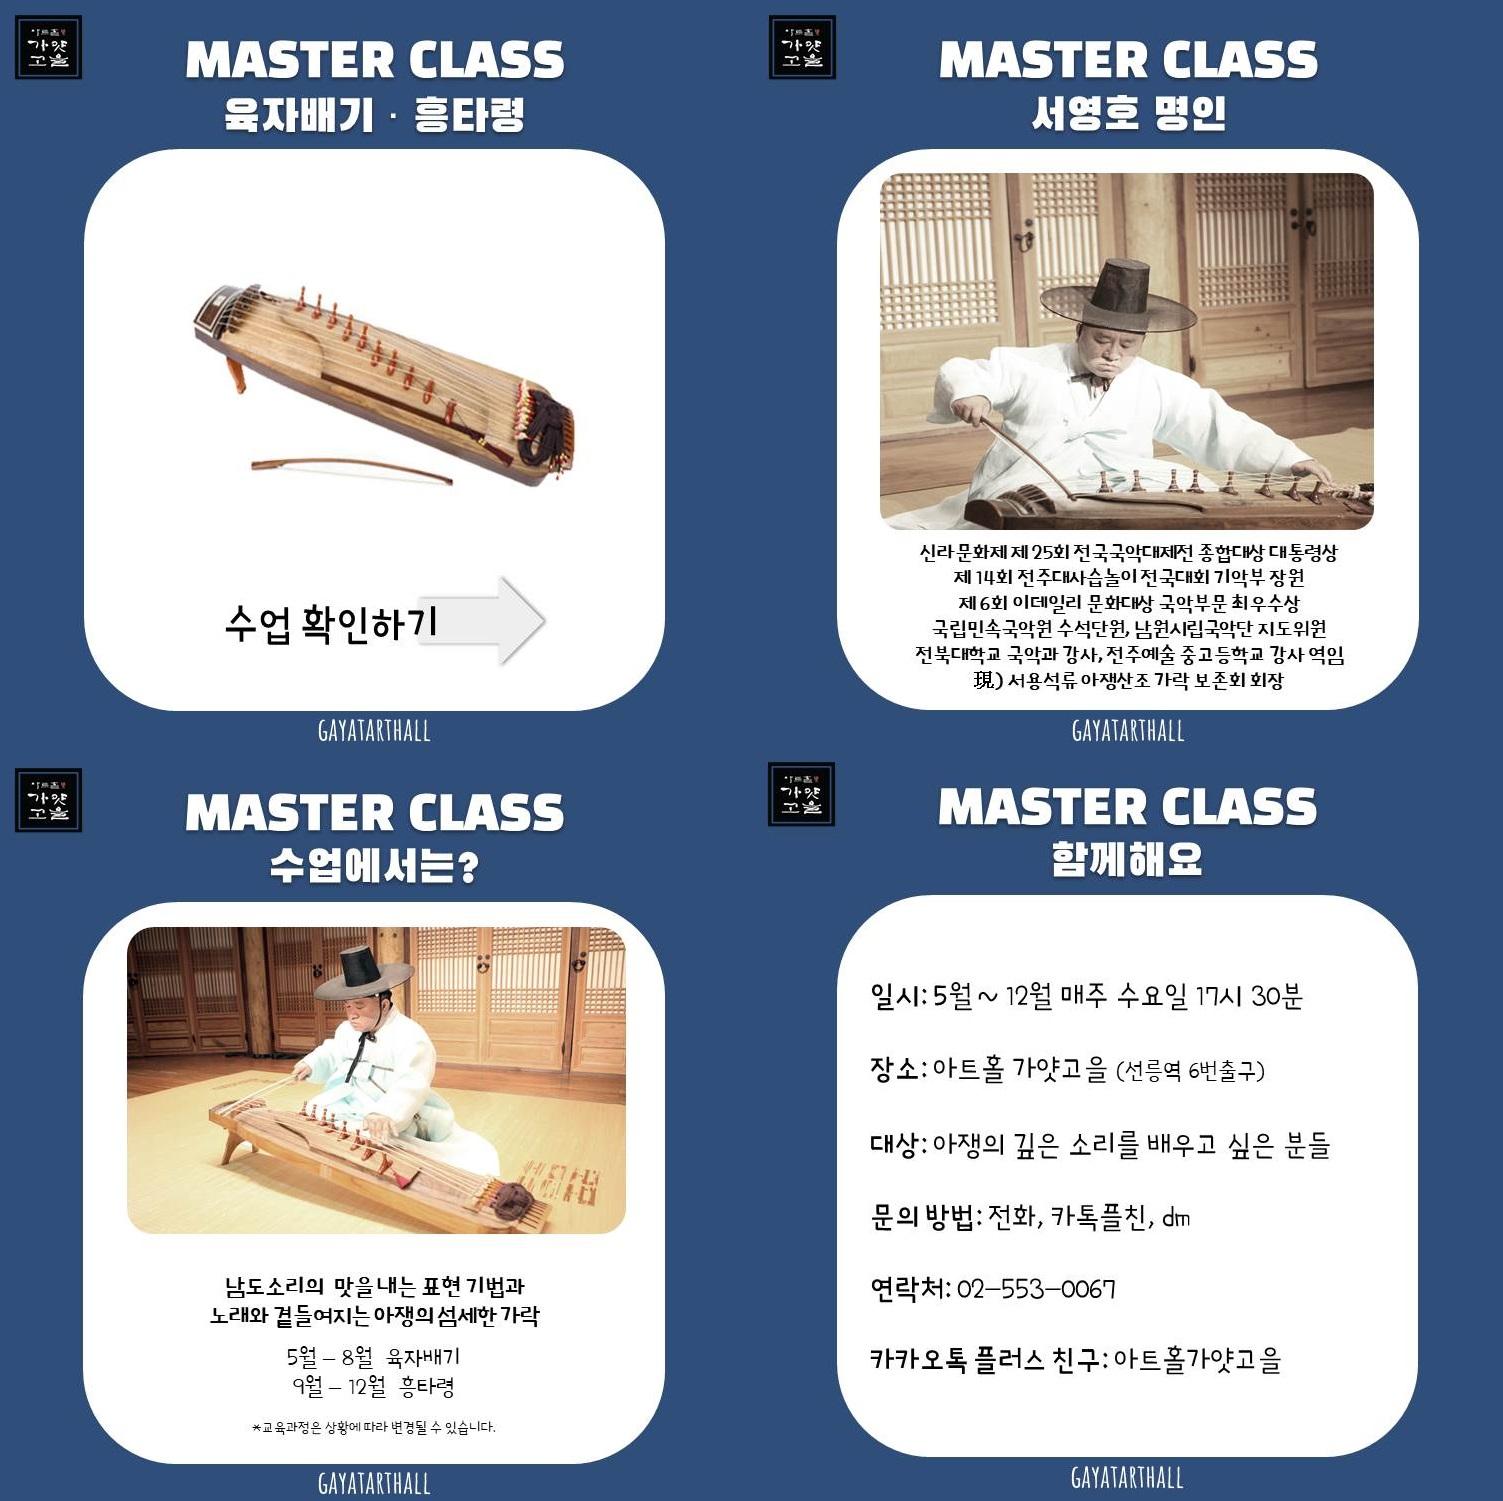 서영호명인 홍보물(민요).jpg